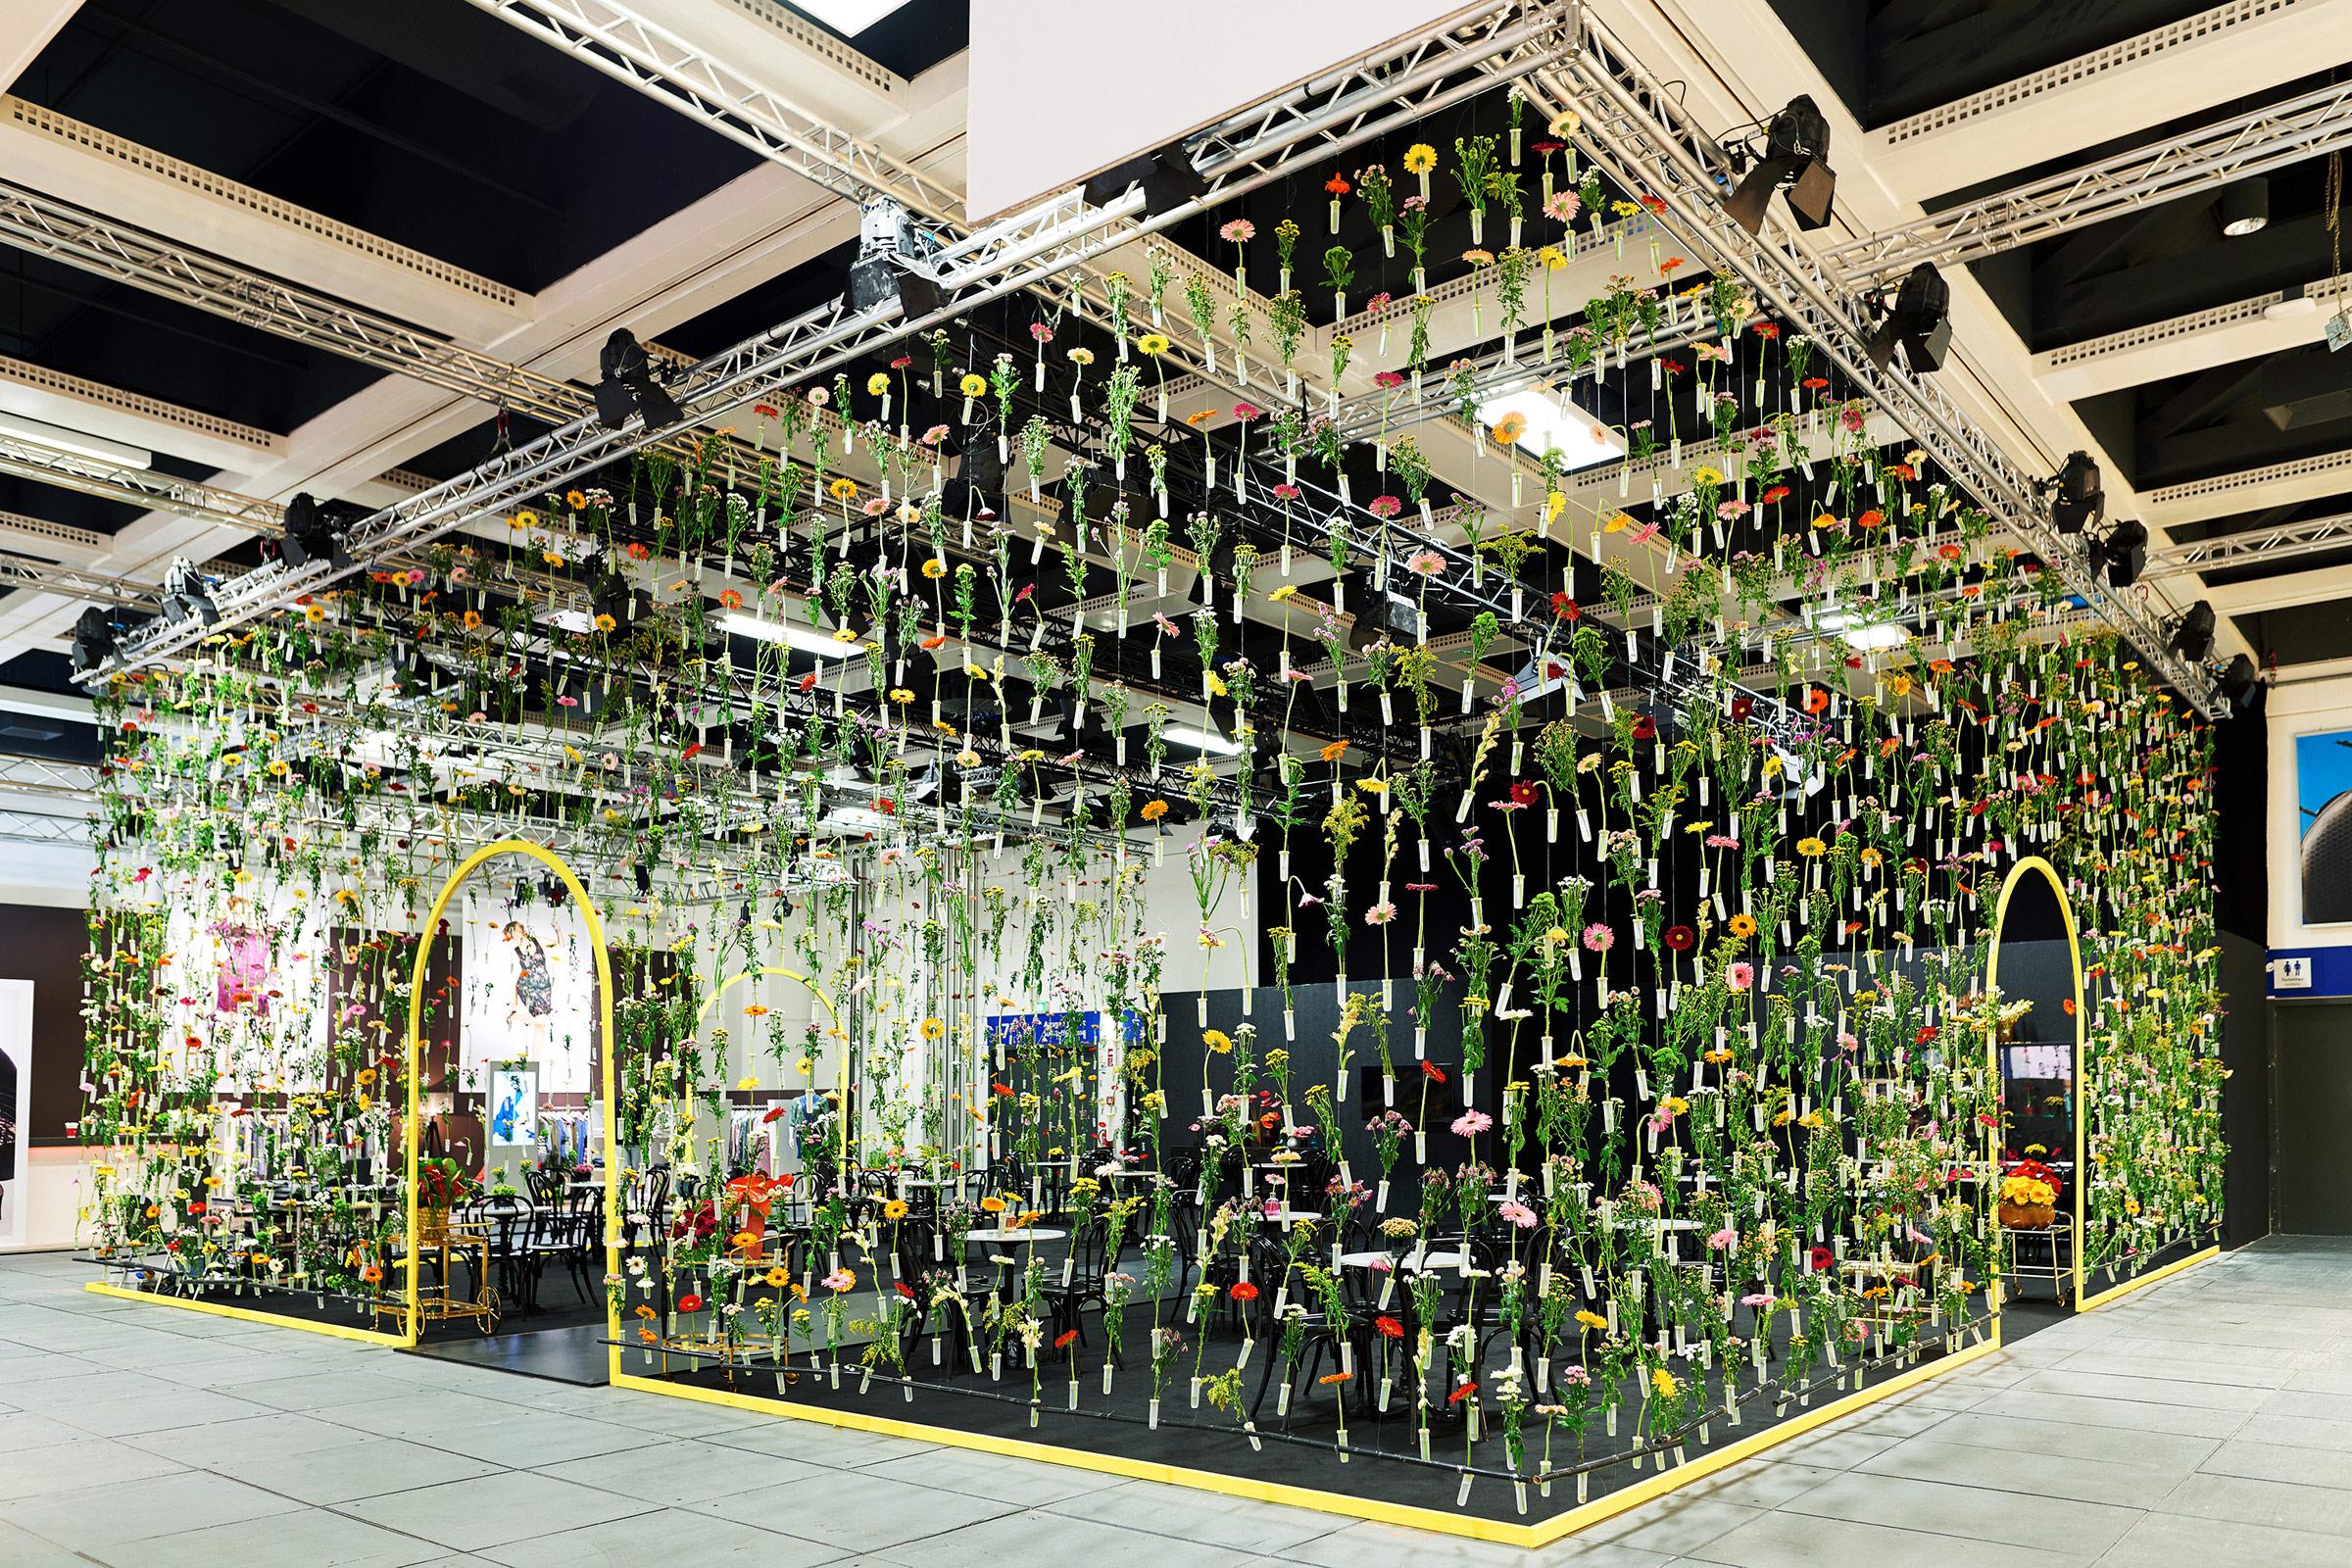 Interieurfotografie und Ausstellungsansichten aus Berlin home